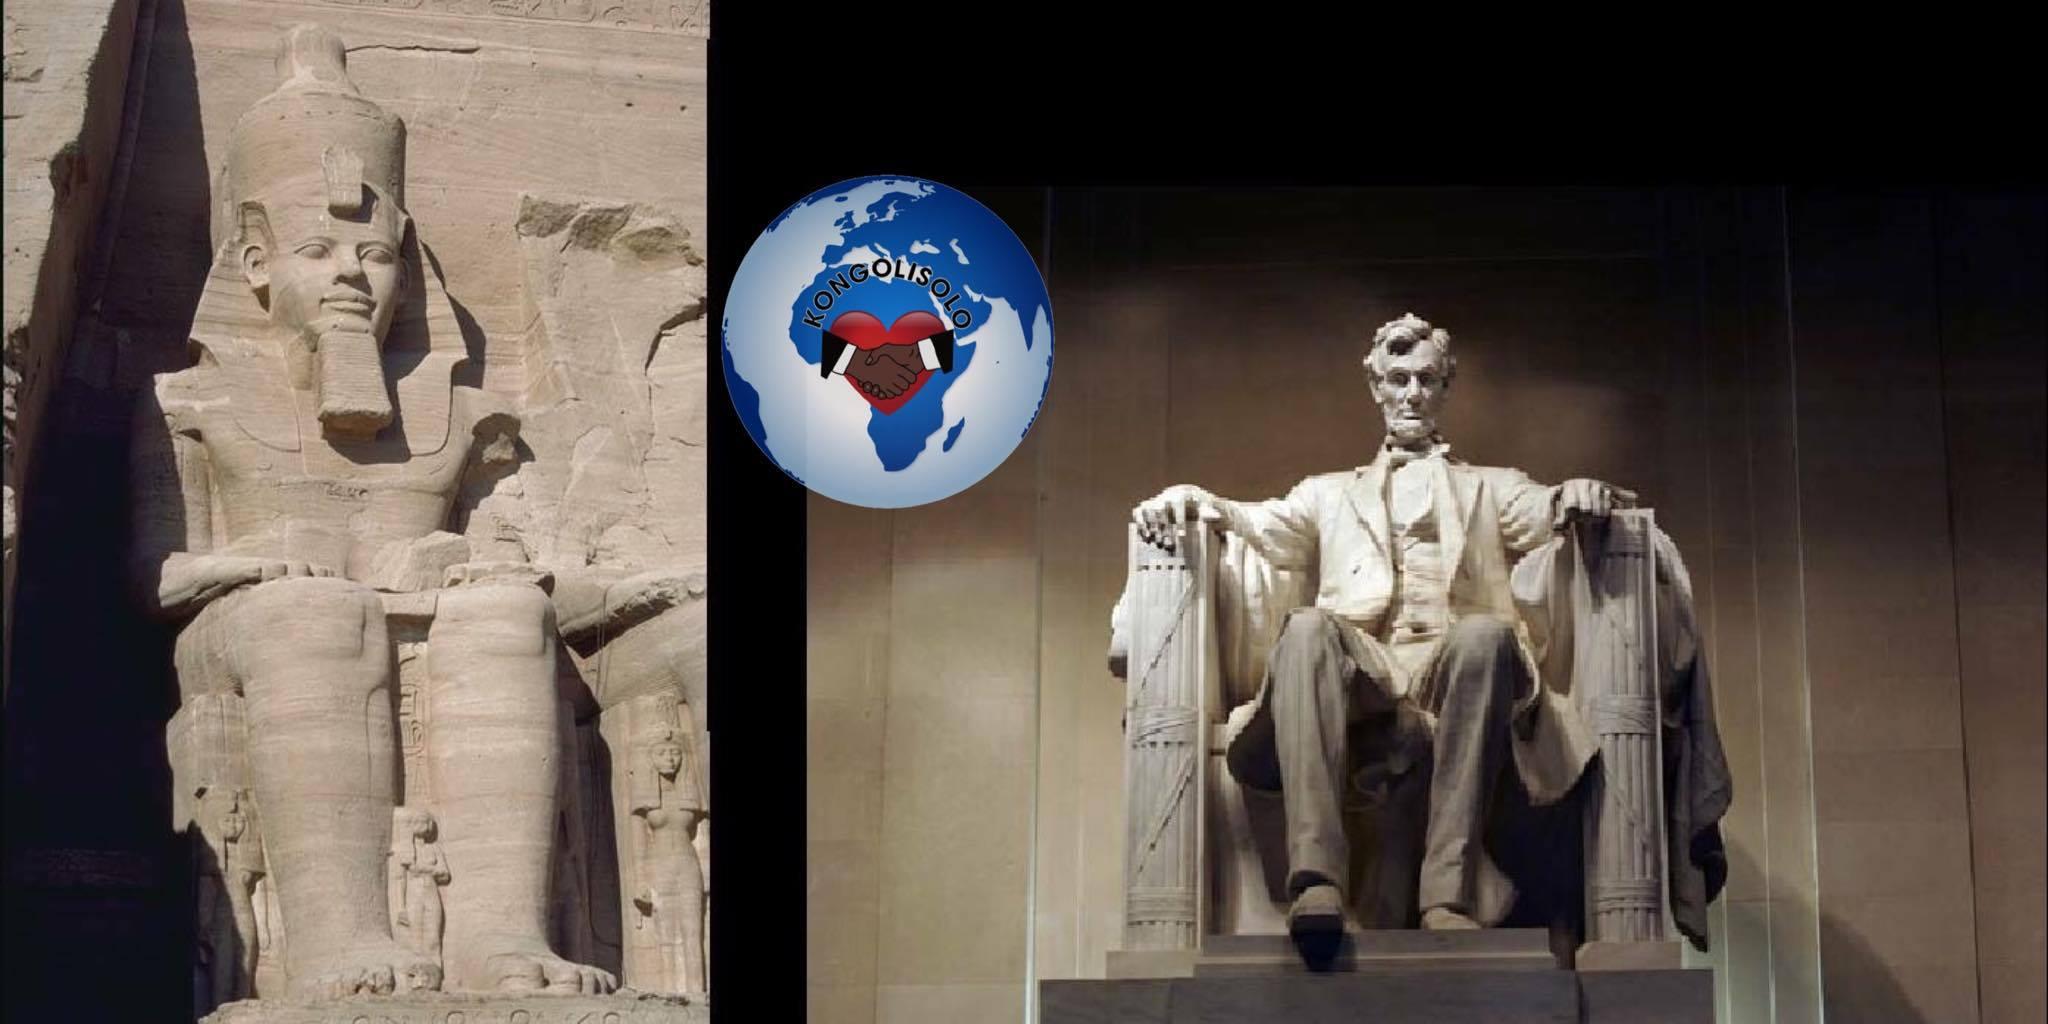 L'influence de l'Afrique antique : découvrez ça sur les symboles fédéraux Américains ... Selon l'auteur et l'historien Anthony Browder, le billet de dollars, le Monument de Washington et la Bibliothèque du Congrès sont tous ruisselant des symboles antiques africains